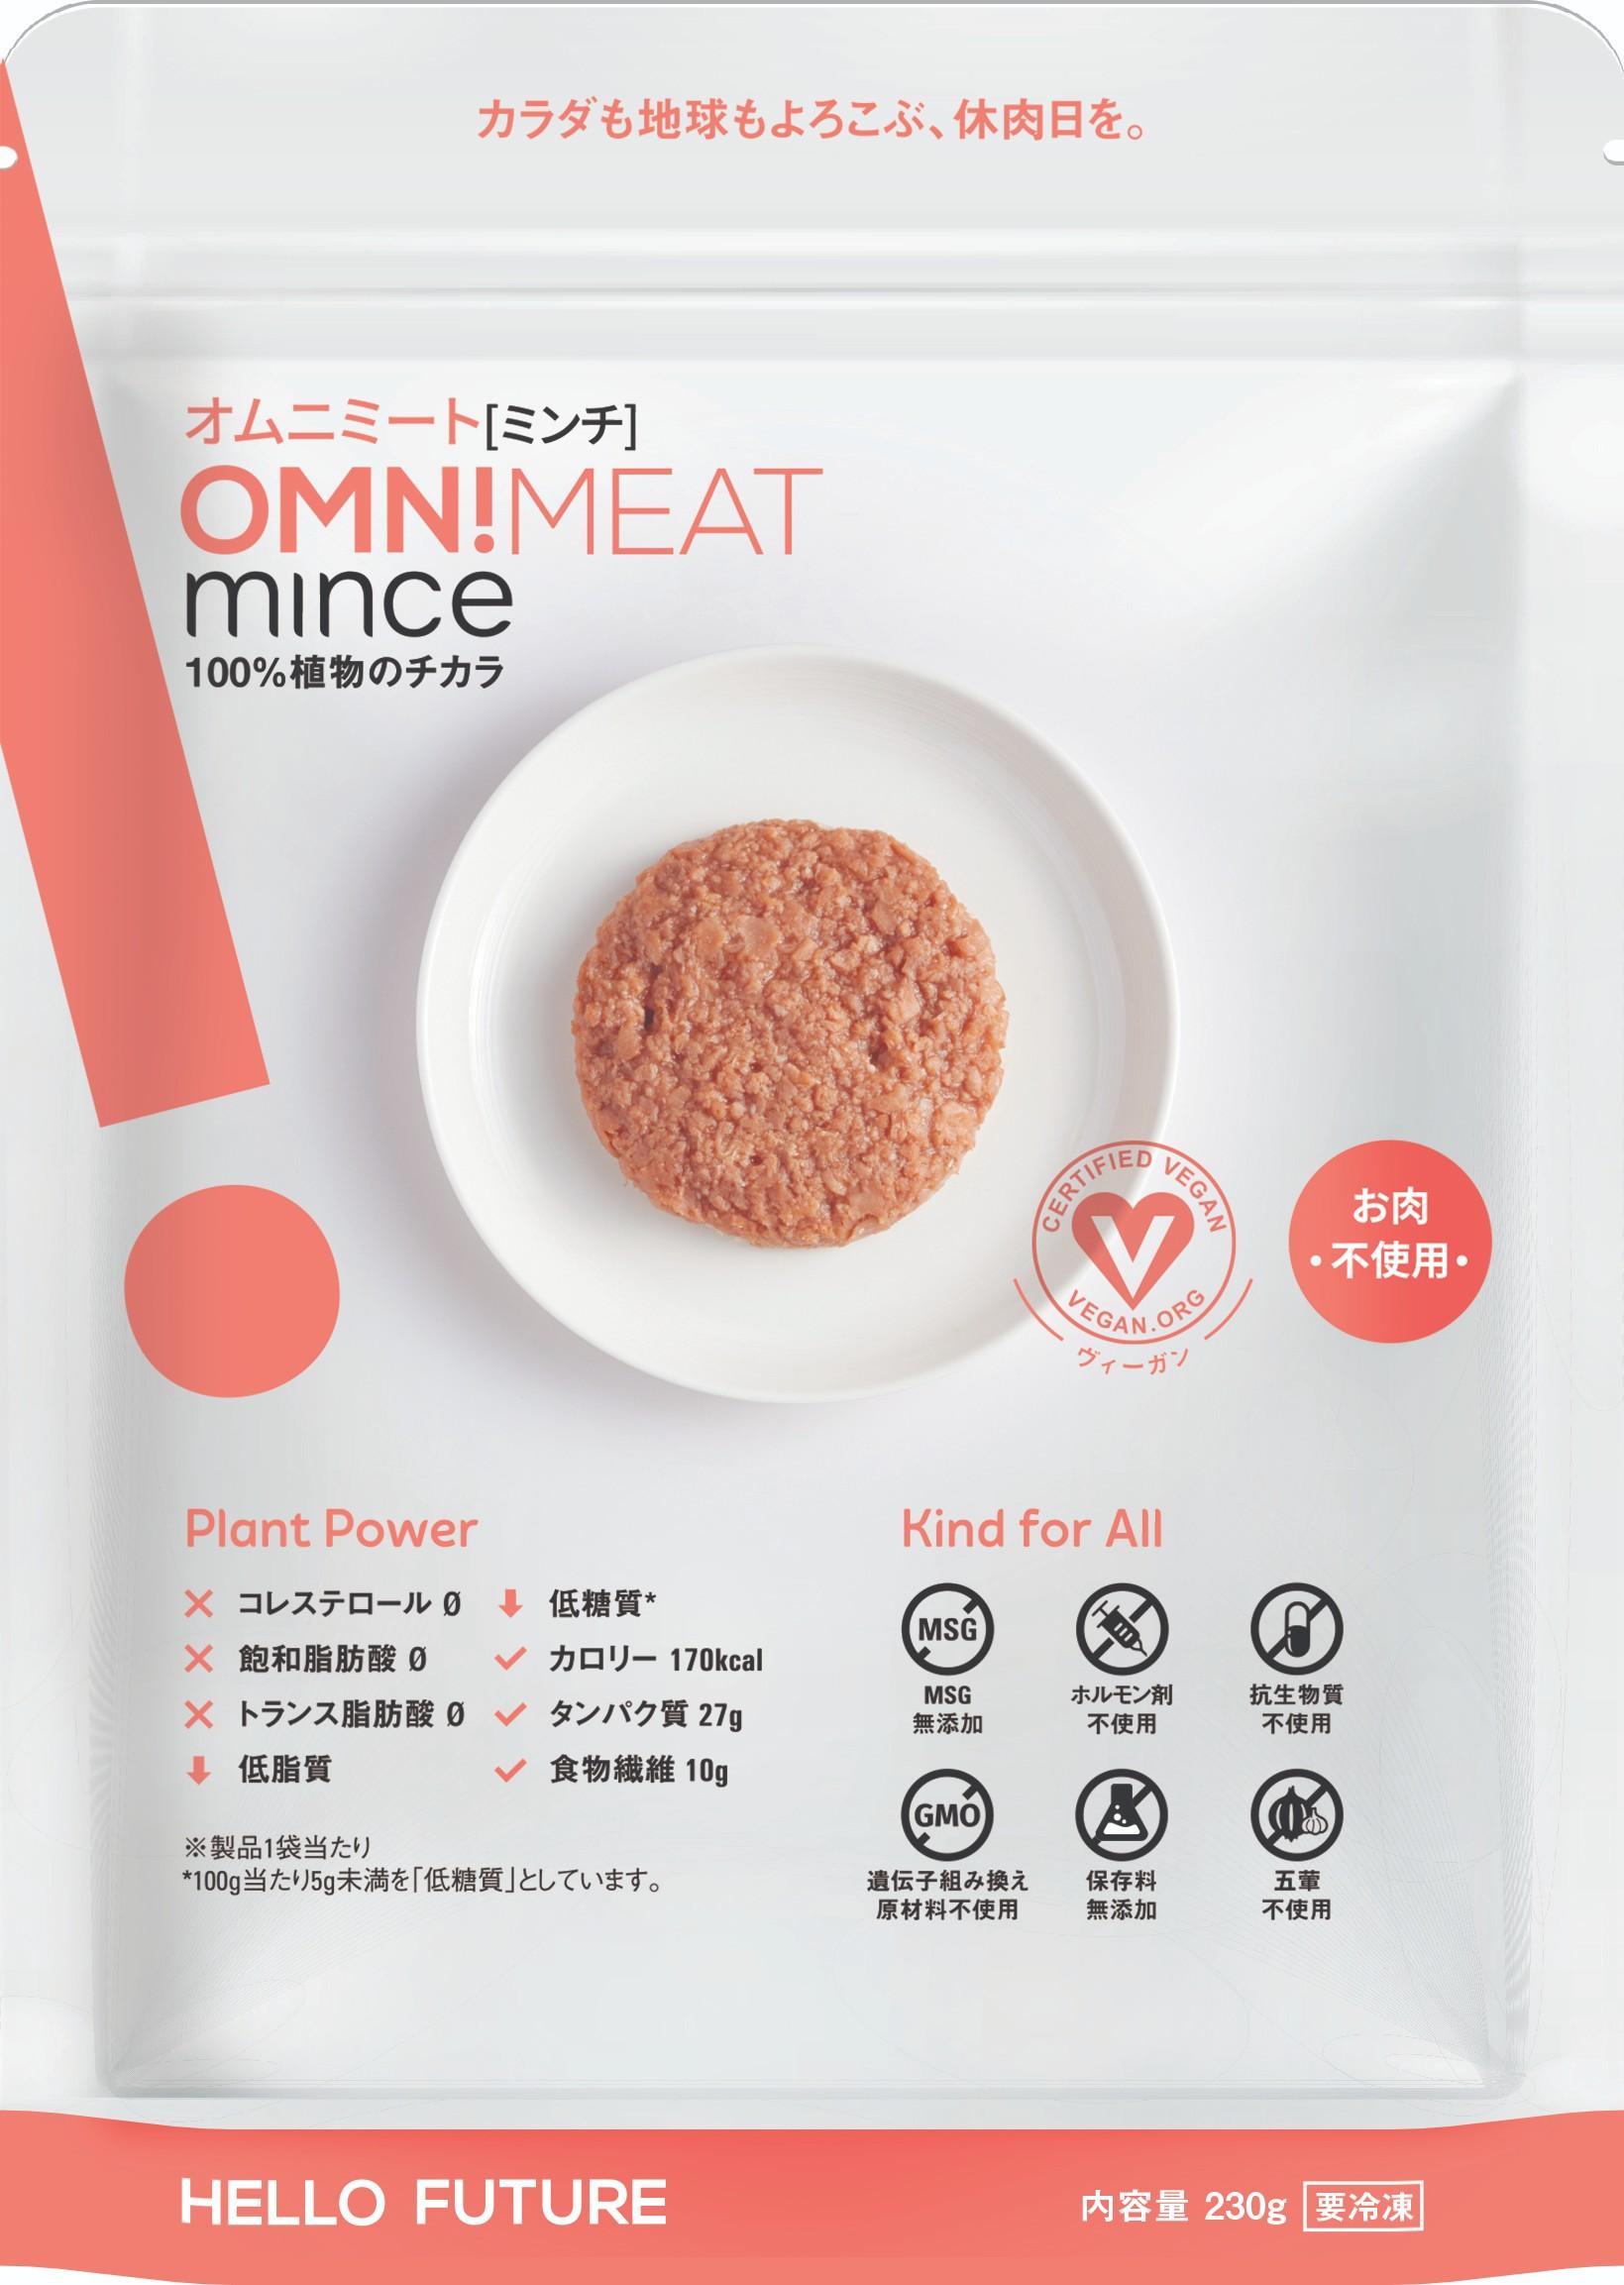 見た目も味もまるでお肉!?な代替肉旋風の火付け役ブランド!『オムニミート(OmniMeat) 』から待望の<使い切りサイズ>が新発売